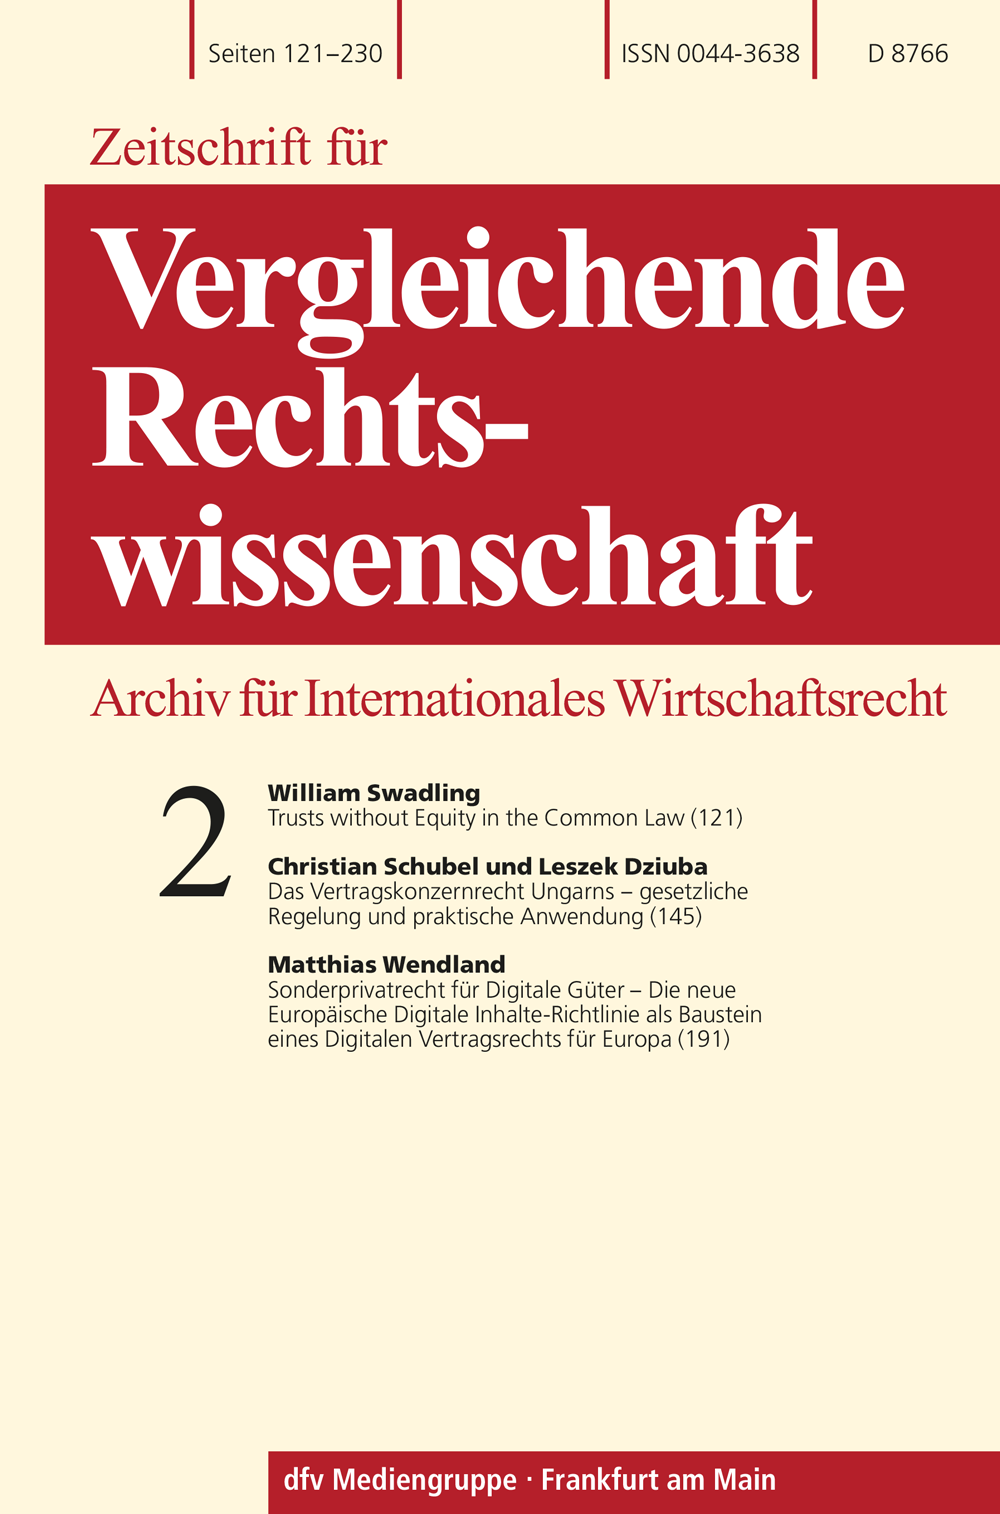 Zeitschrift für Wirtschaftsrecht